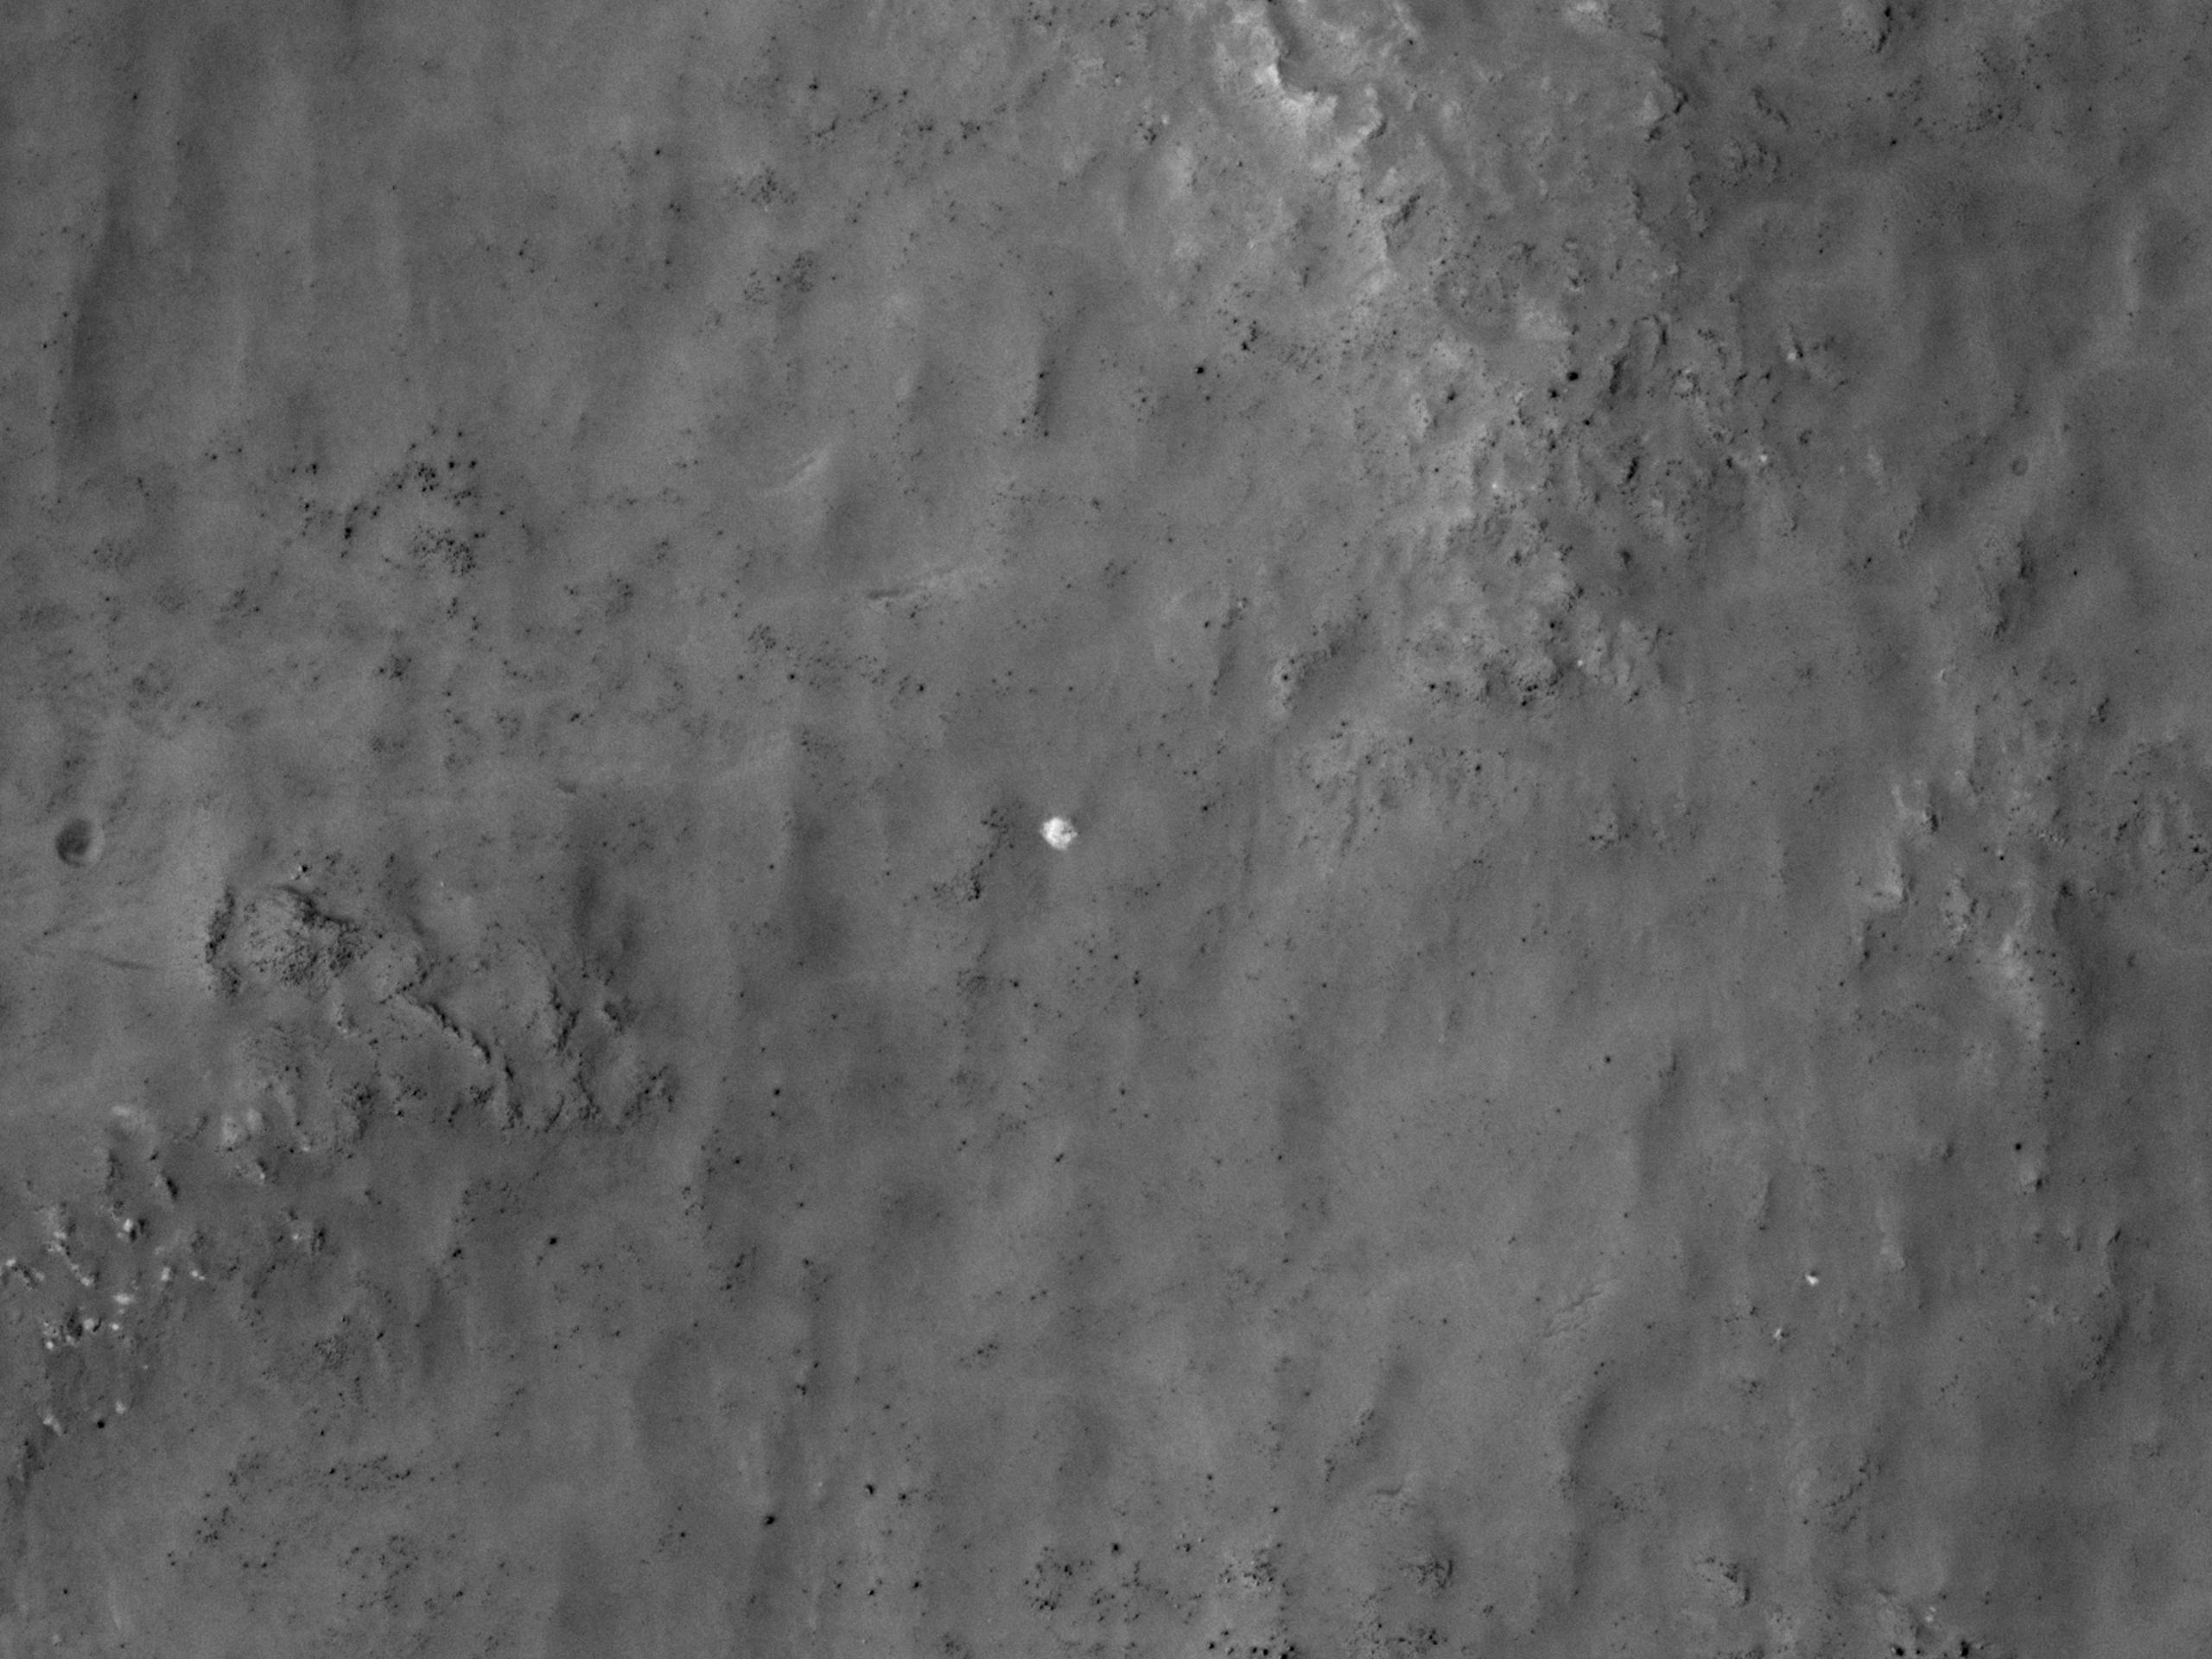 Μπορεί να είναι αυτή η Σοβιετική Άκατος Mars 3;